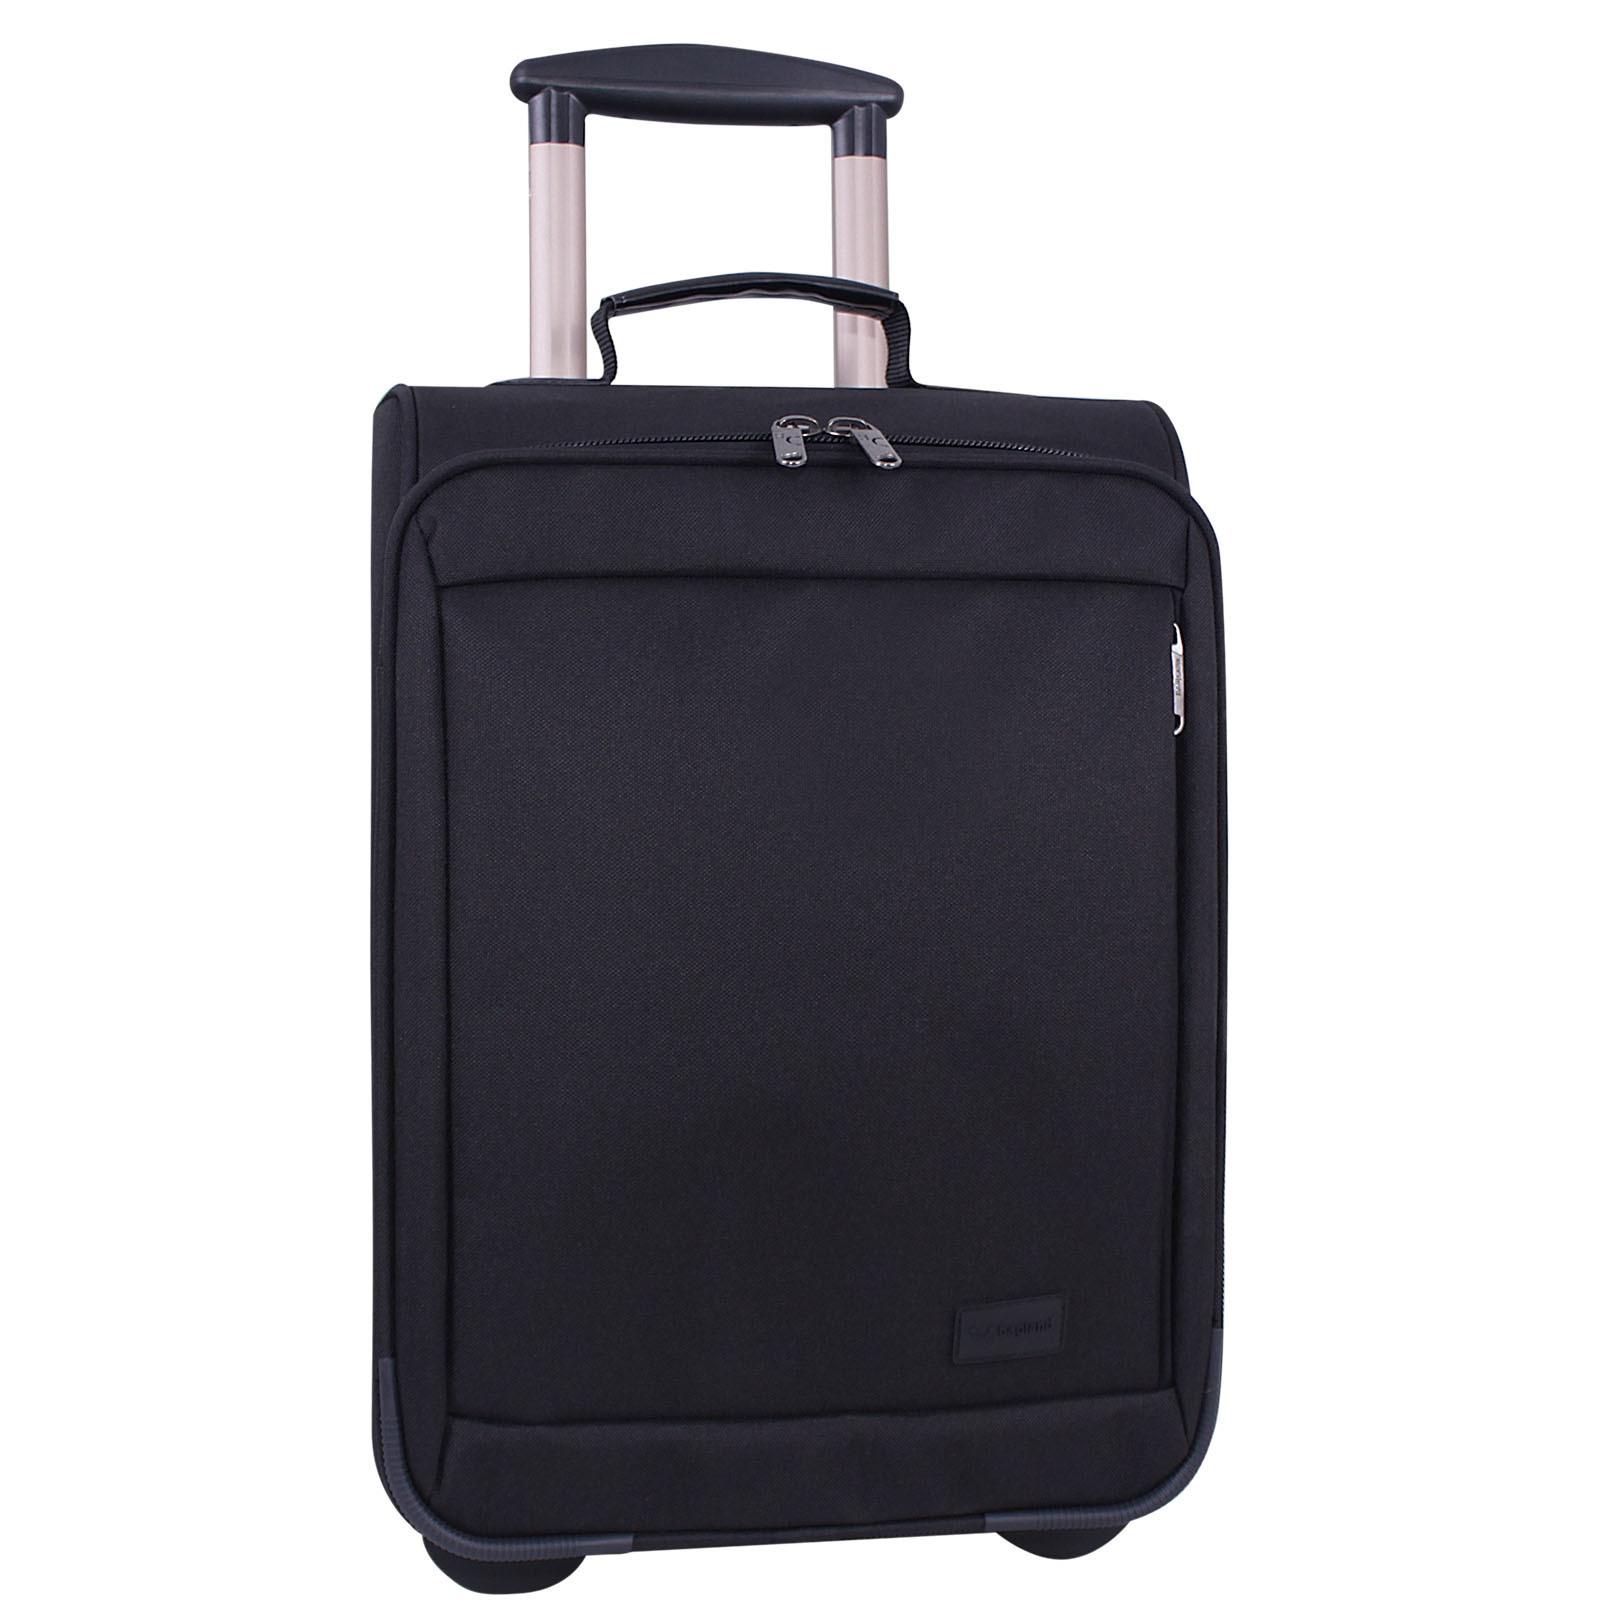 Дорожные чемоданы Чемодан Bagland Ambassador 27 л. Чёрный (003766617) IMG_5812-1600.jpg